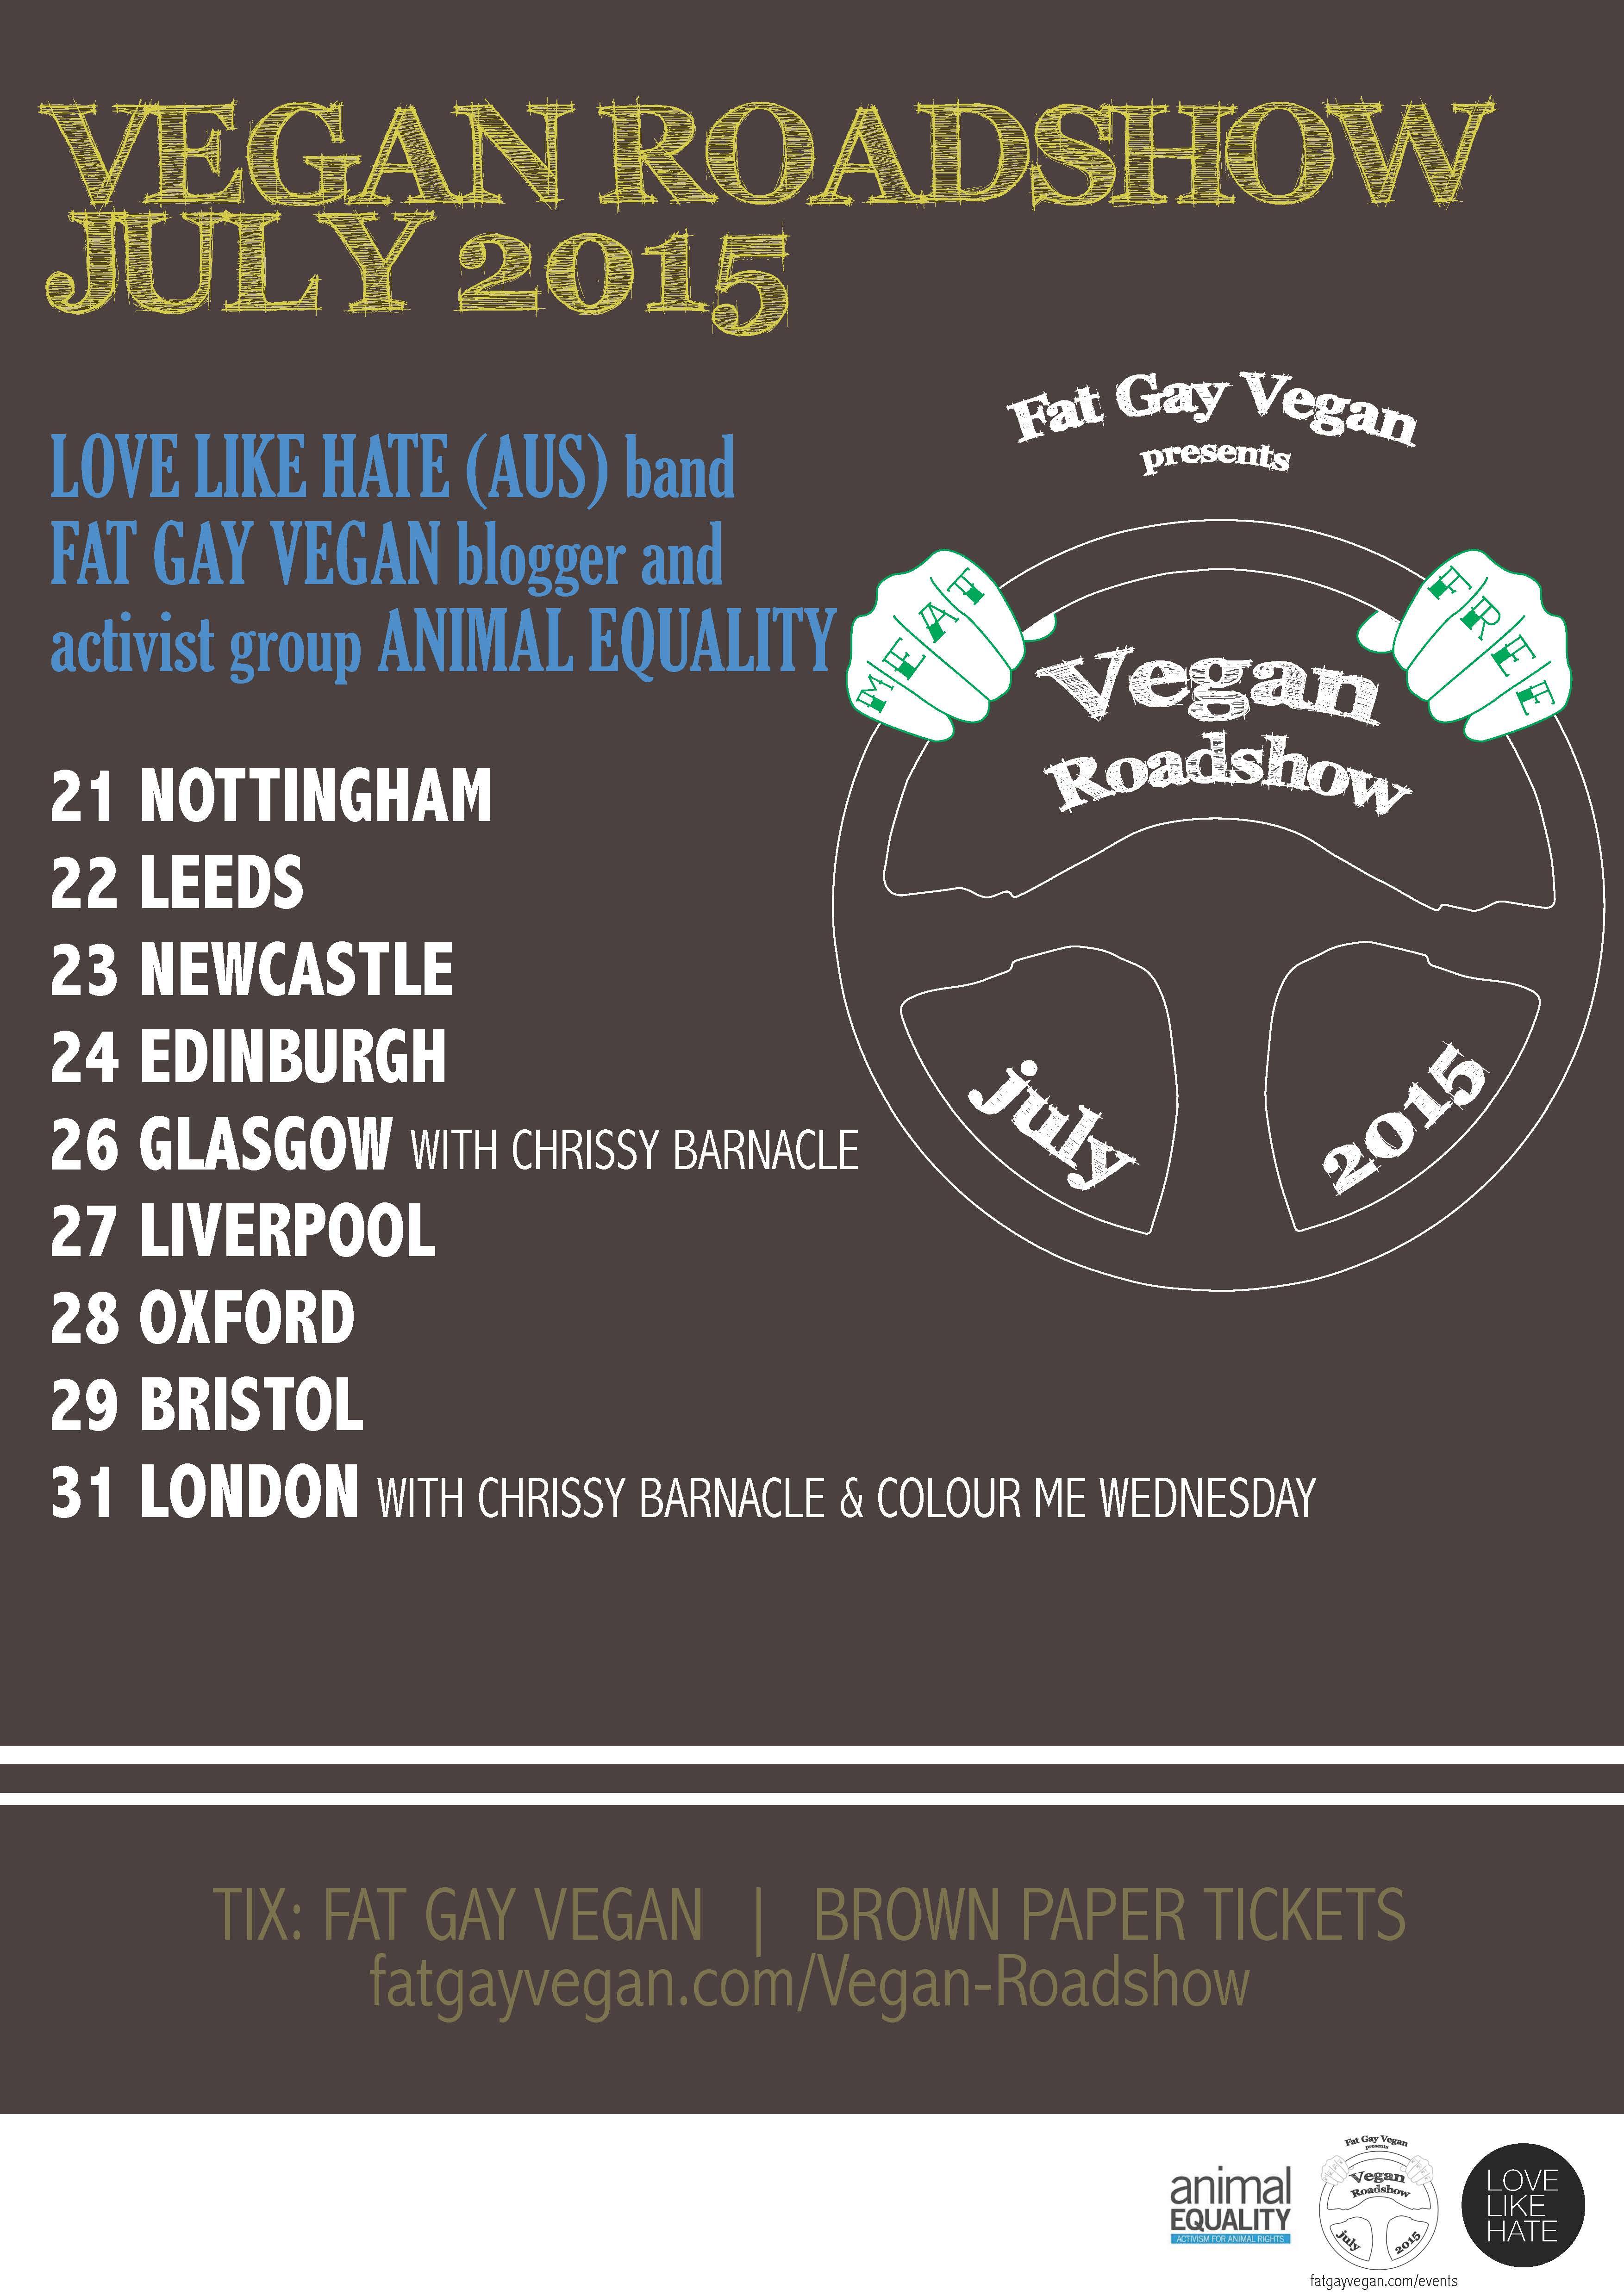 https://i1.wp.com/fatgayvegan.com/wp-content/uploads/2015/08/Fat-Gay-Vegan-Roadshow-Poster.jpg?fit=%2C&ssl=1